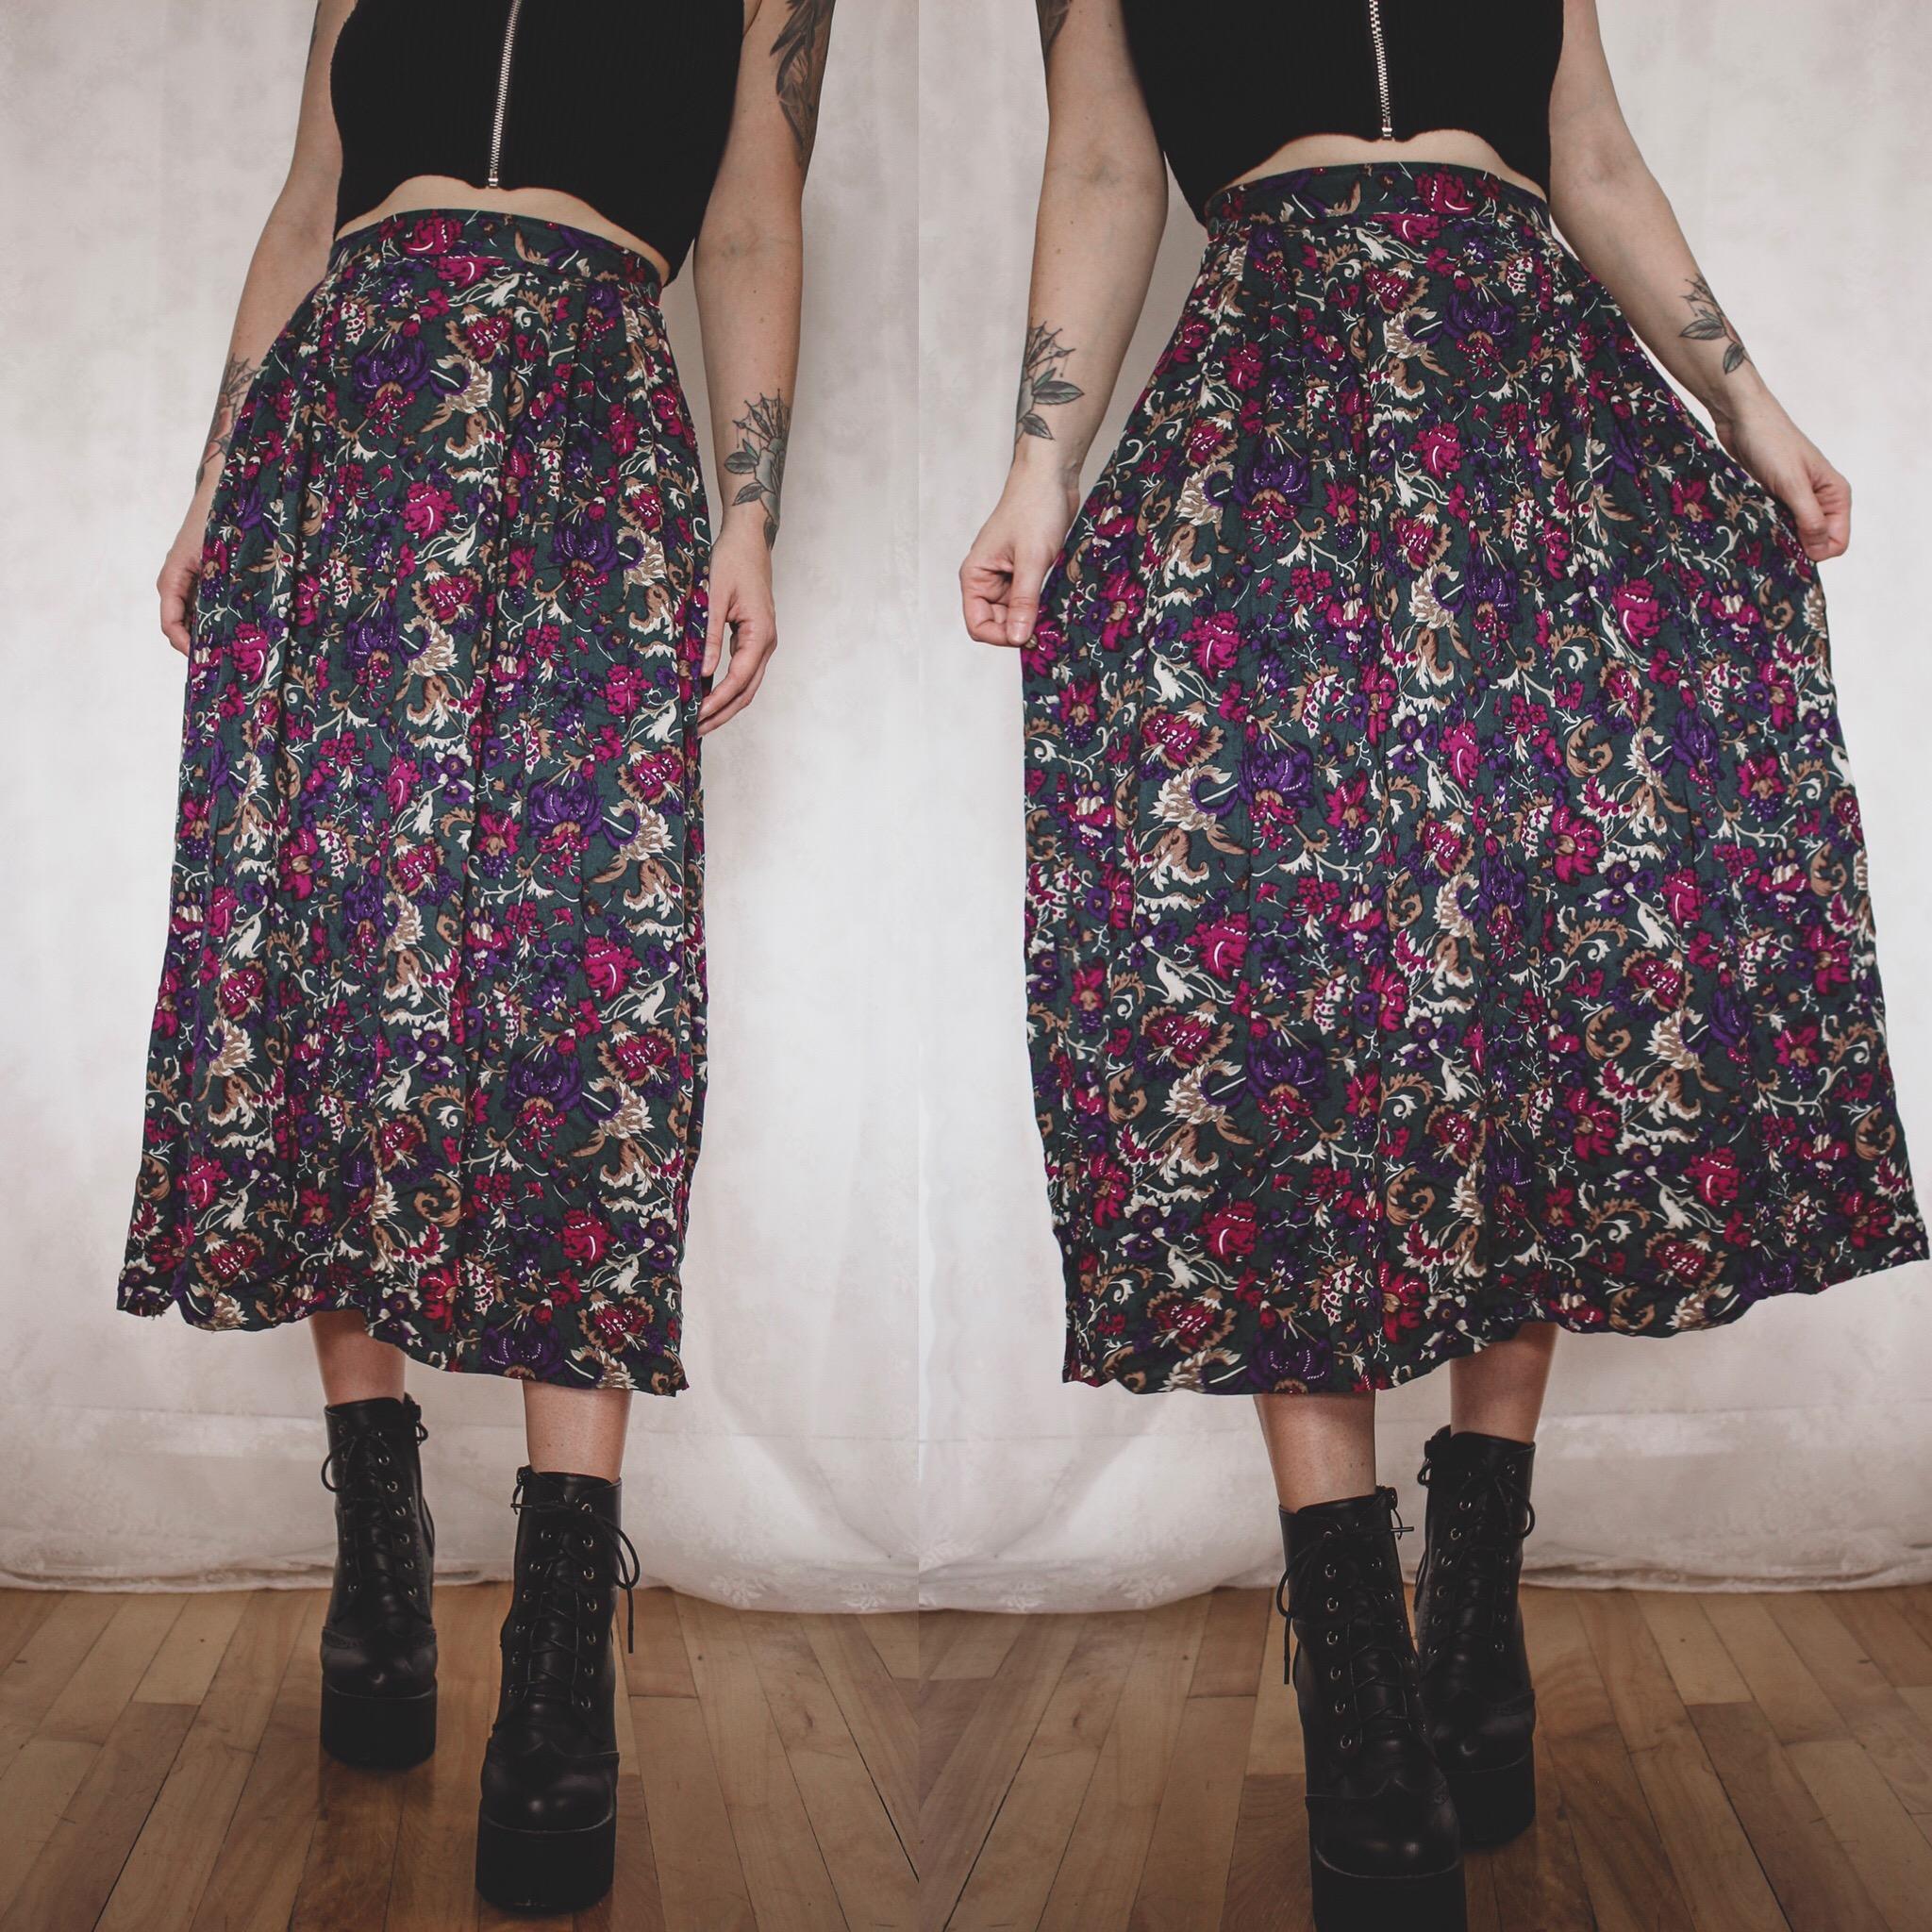 patterned Vintage Skirt 90s 90s fashion 90s clothing Skirt KK11141 Size M flower print